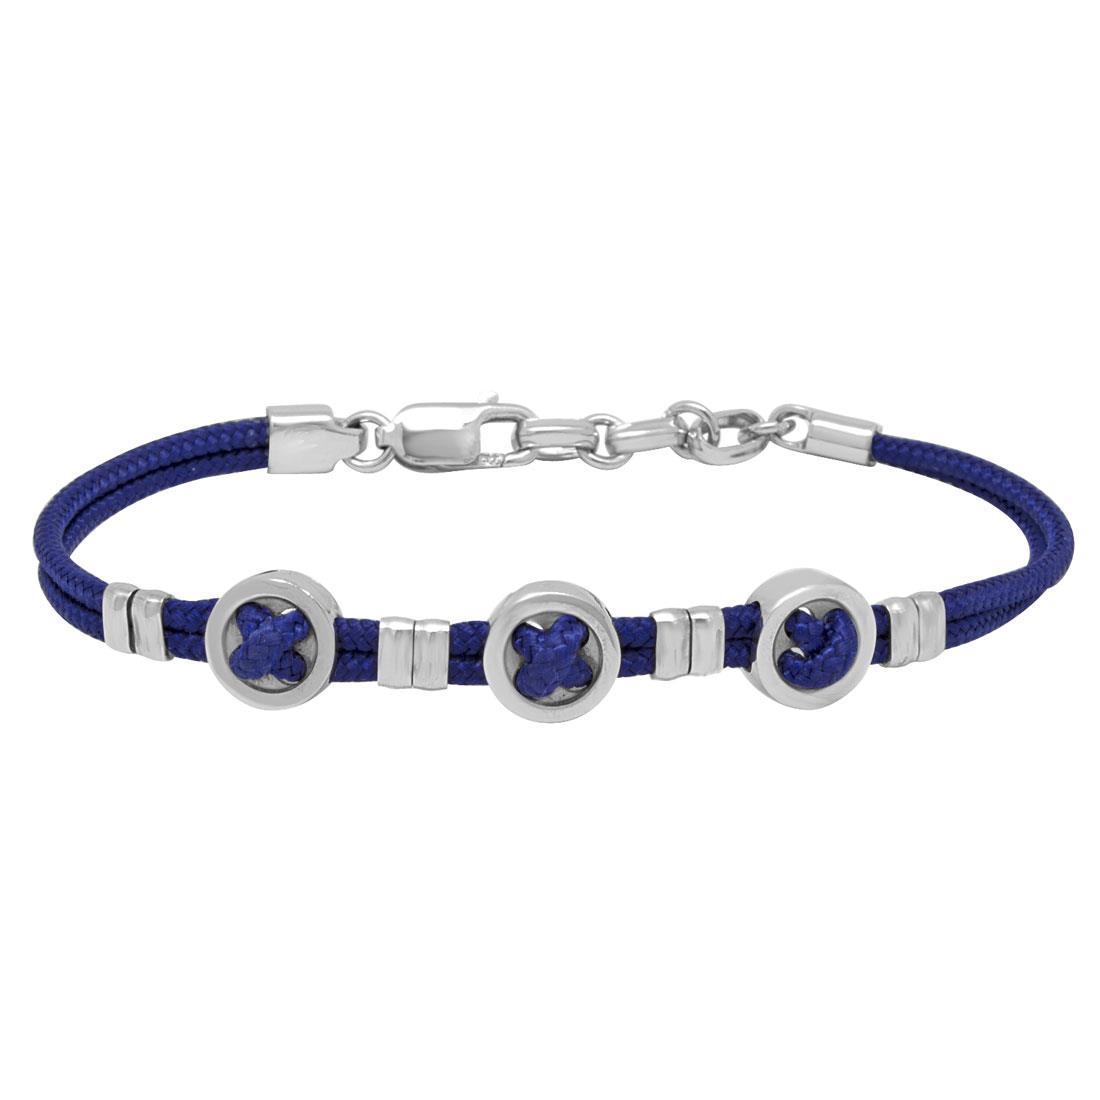 Bracciale in acciaio con blu, misura 20,5cm - ZANCAN